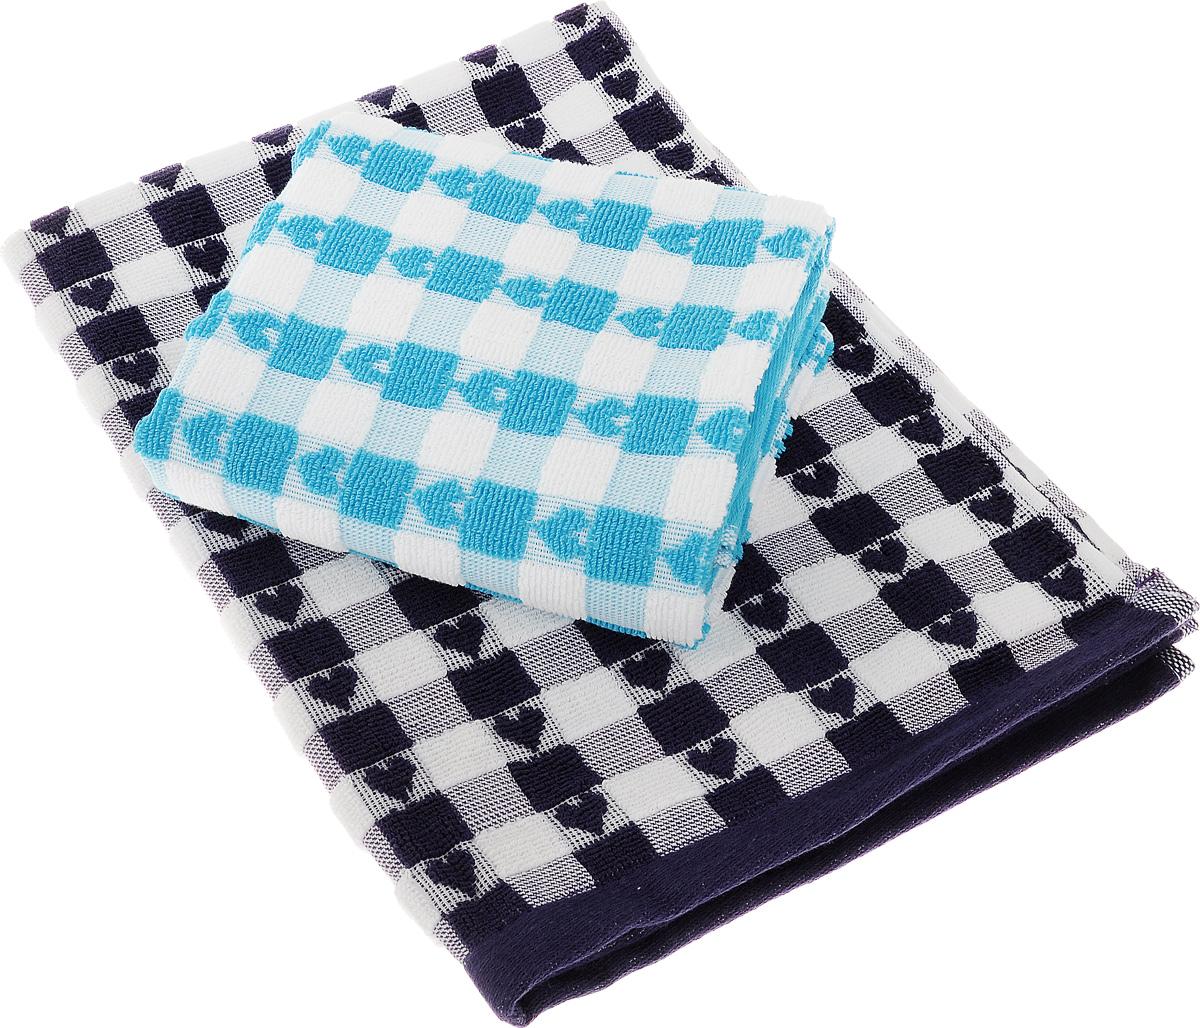 Набор кухонных полотенец Toalla Сердечки, цвет: фиолетовый, голубой, 50 x 70 см, 2 шт1004900000360Набор Toalla Сердечки состоит из двух прямоугольных полотенец, выполненных из 100% хлопка. Изделия предназначены для использования на кухне и в столовой.Набор полотенец Toalla Сердечки - отличное приобретение для каждой хозяйки.Комплектация: 2 шт.